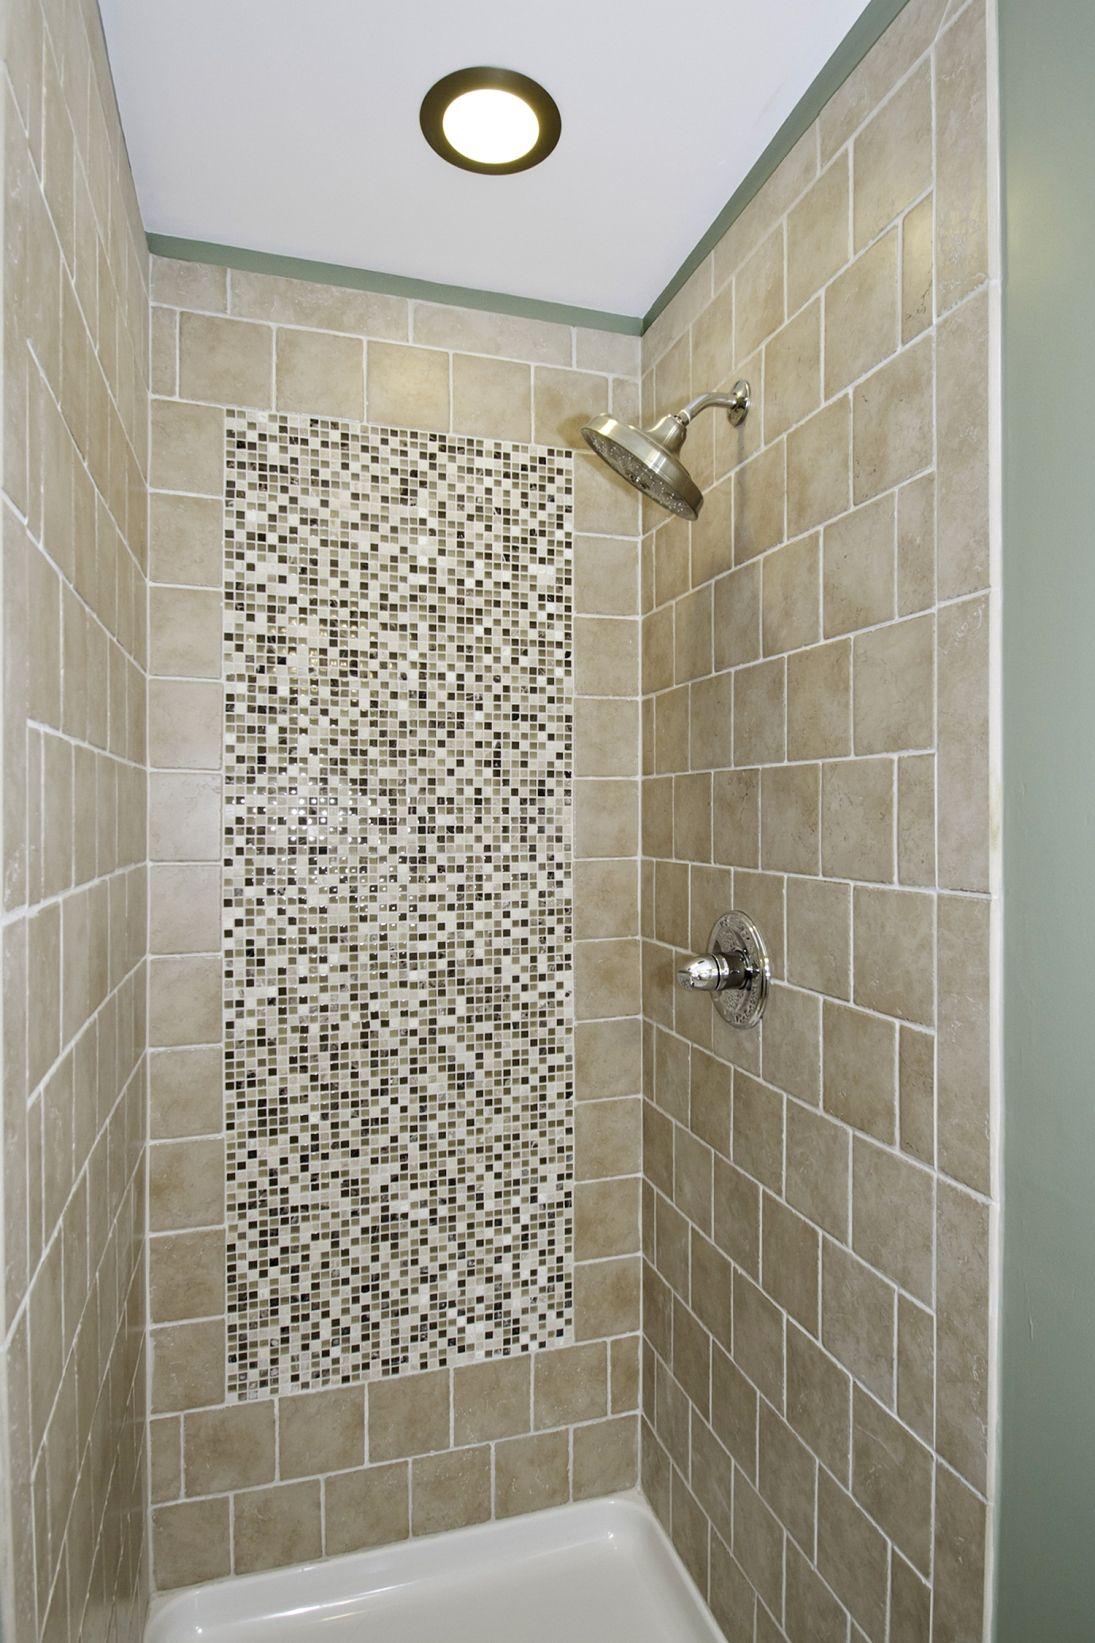 bathroom tiles ideas philippines simple brown bathroom ... on Small Space Small Bathroom Tiles Design  id=53794